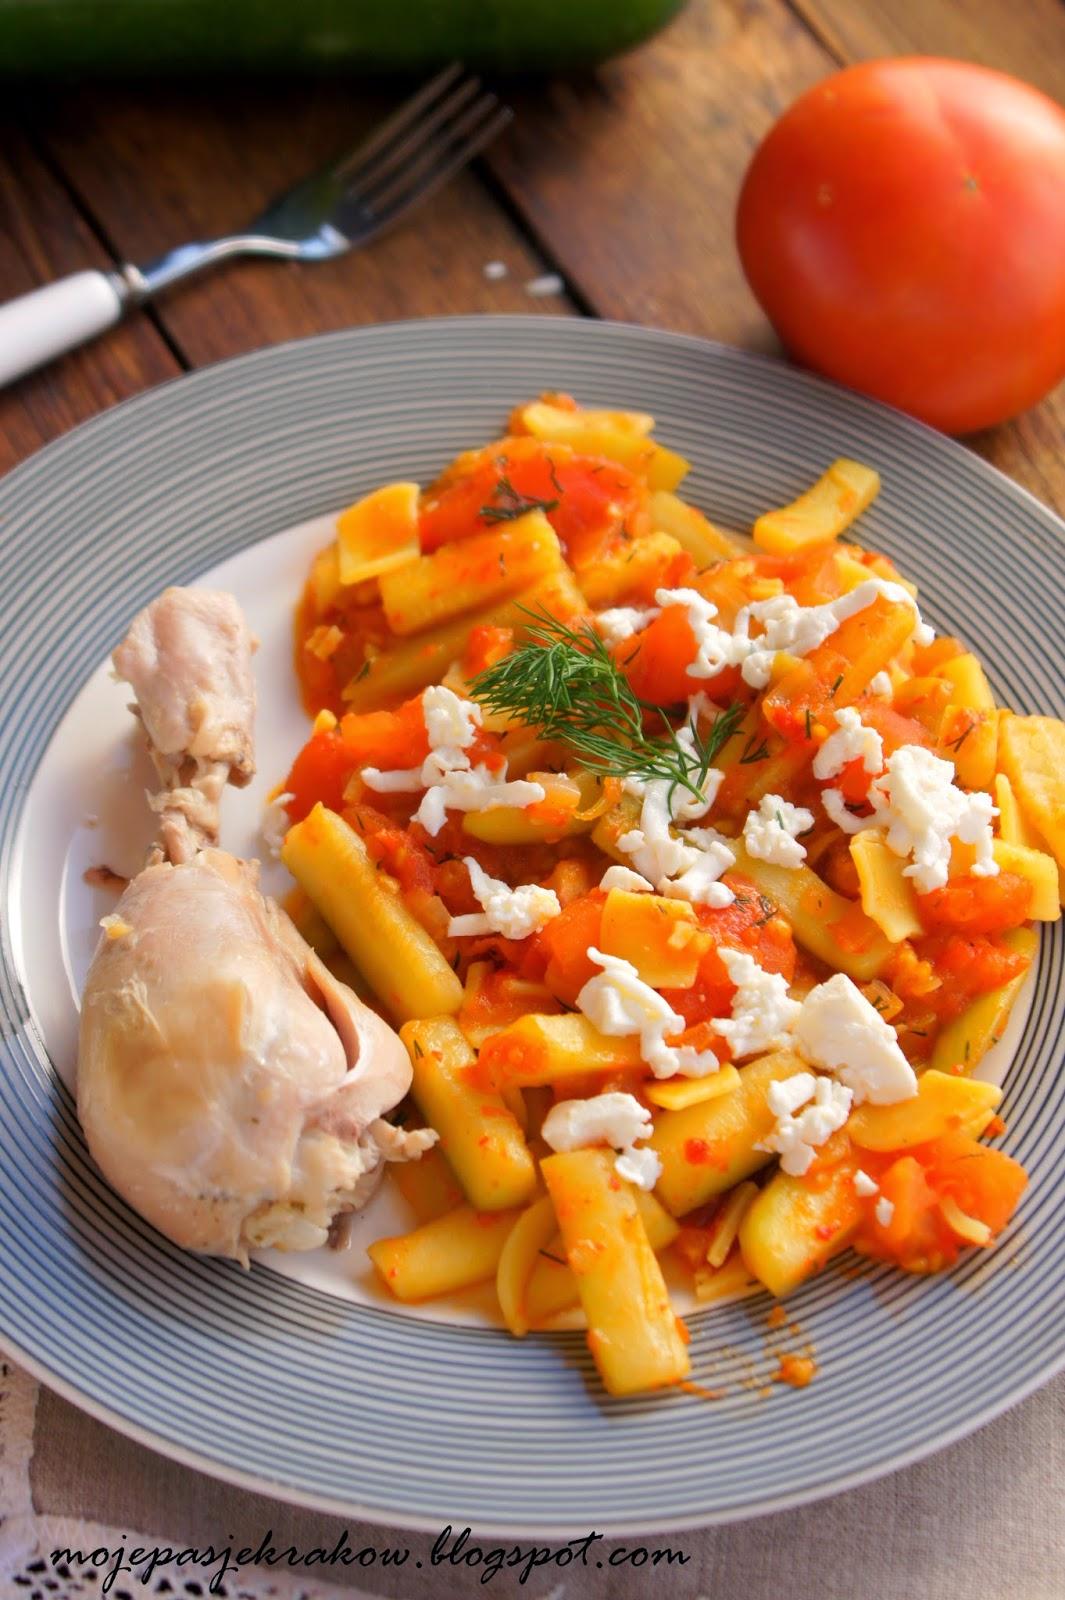 http://www.mojepasjekrakow.blogspot.com/2014/03/cukinia-z-pomidorami-serem-feta-i.html